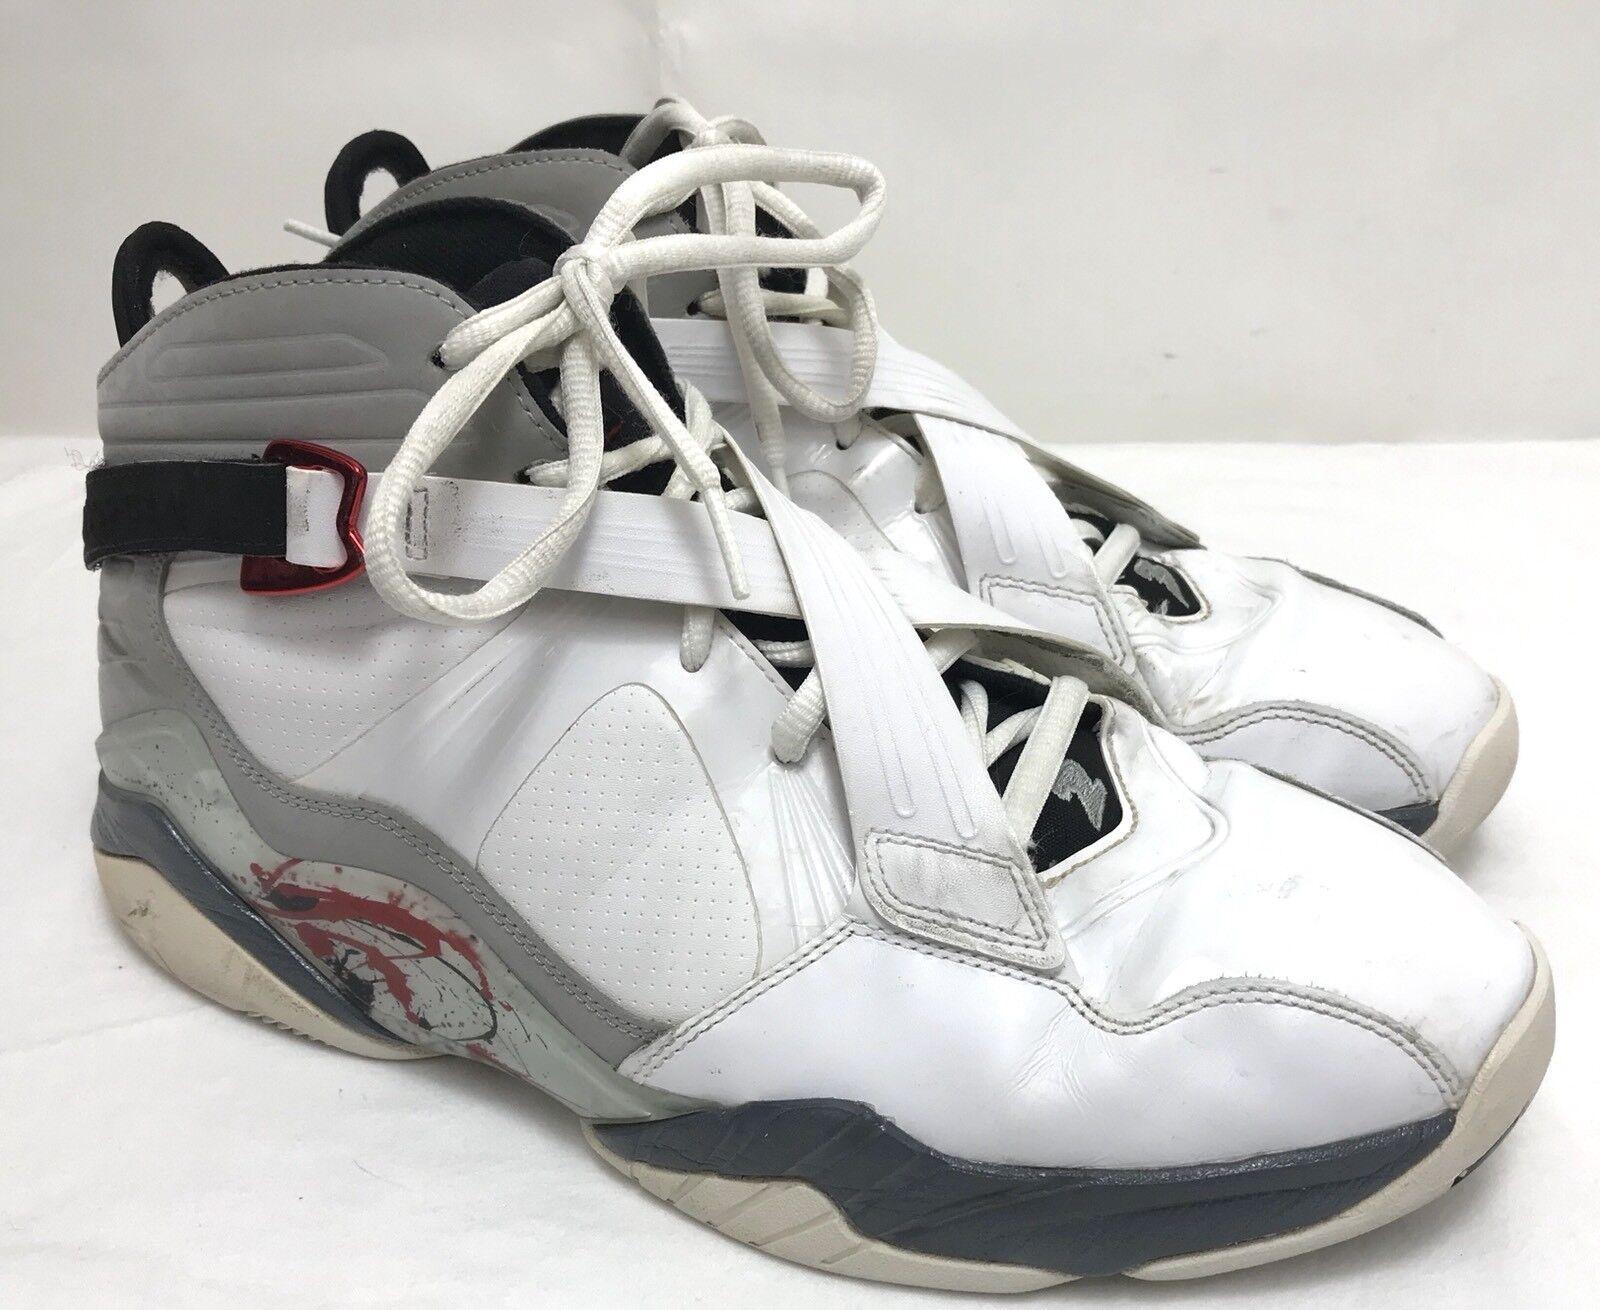 Hombre Blanco nike air Jordan 467807-105 Blanco Hombre & Gris baloncesto zapatos tamaño 11,5 Wild Casual Shoes fd375b